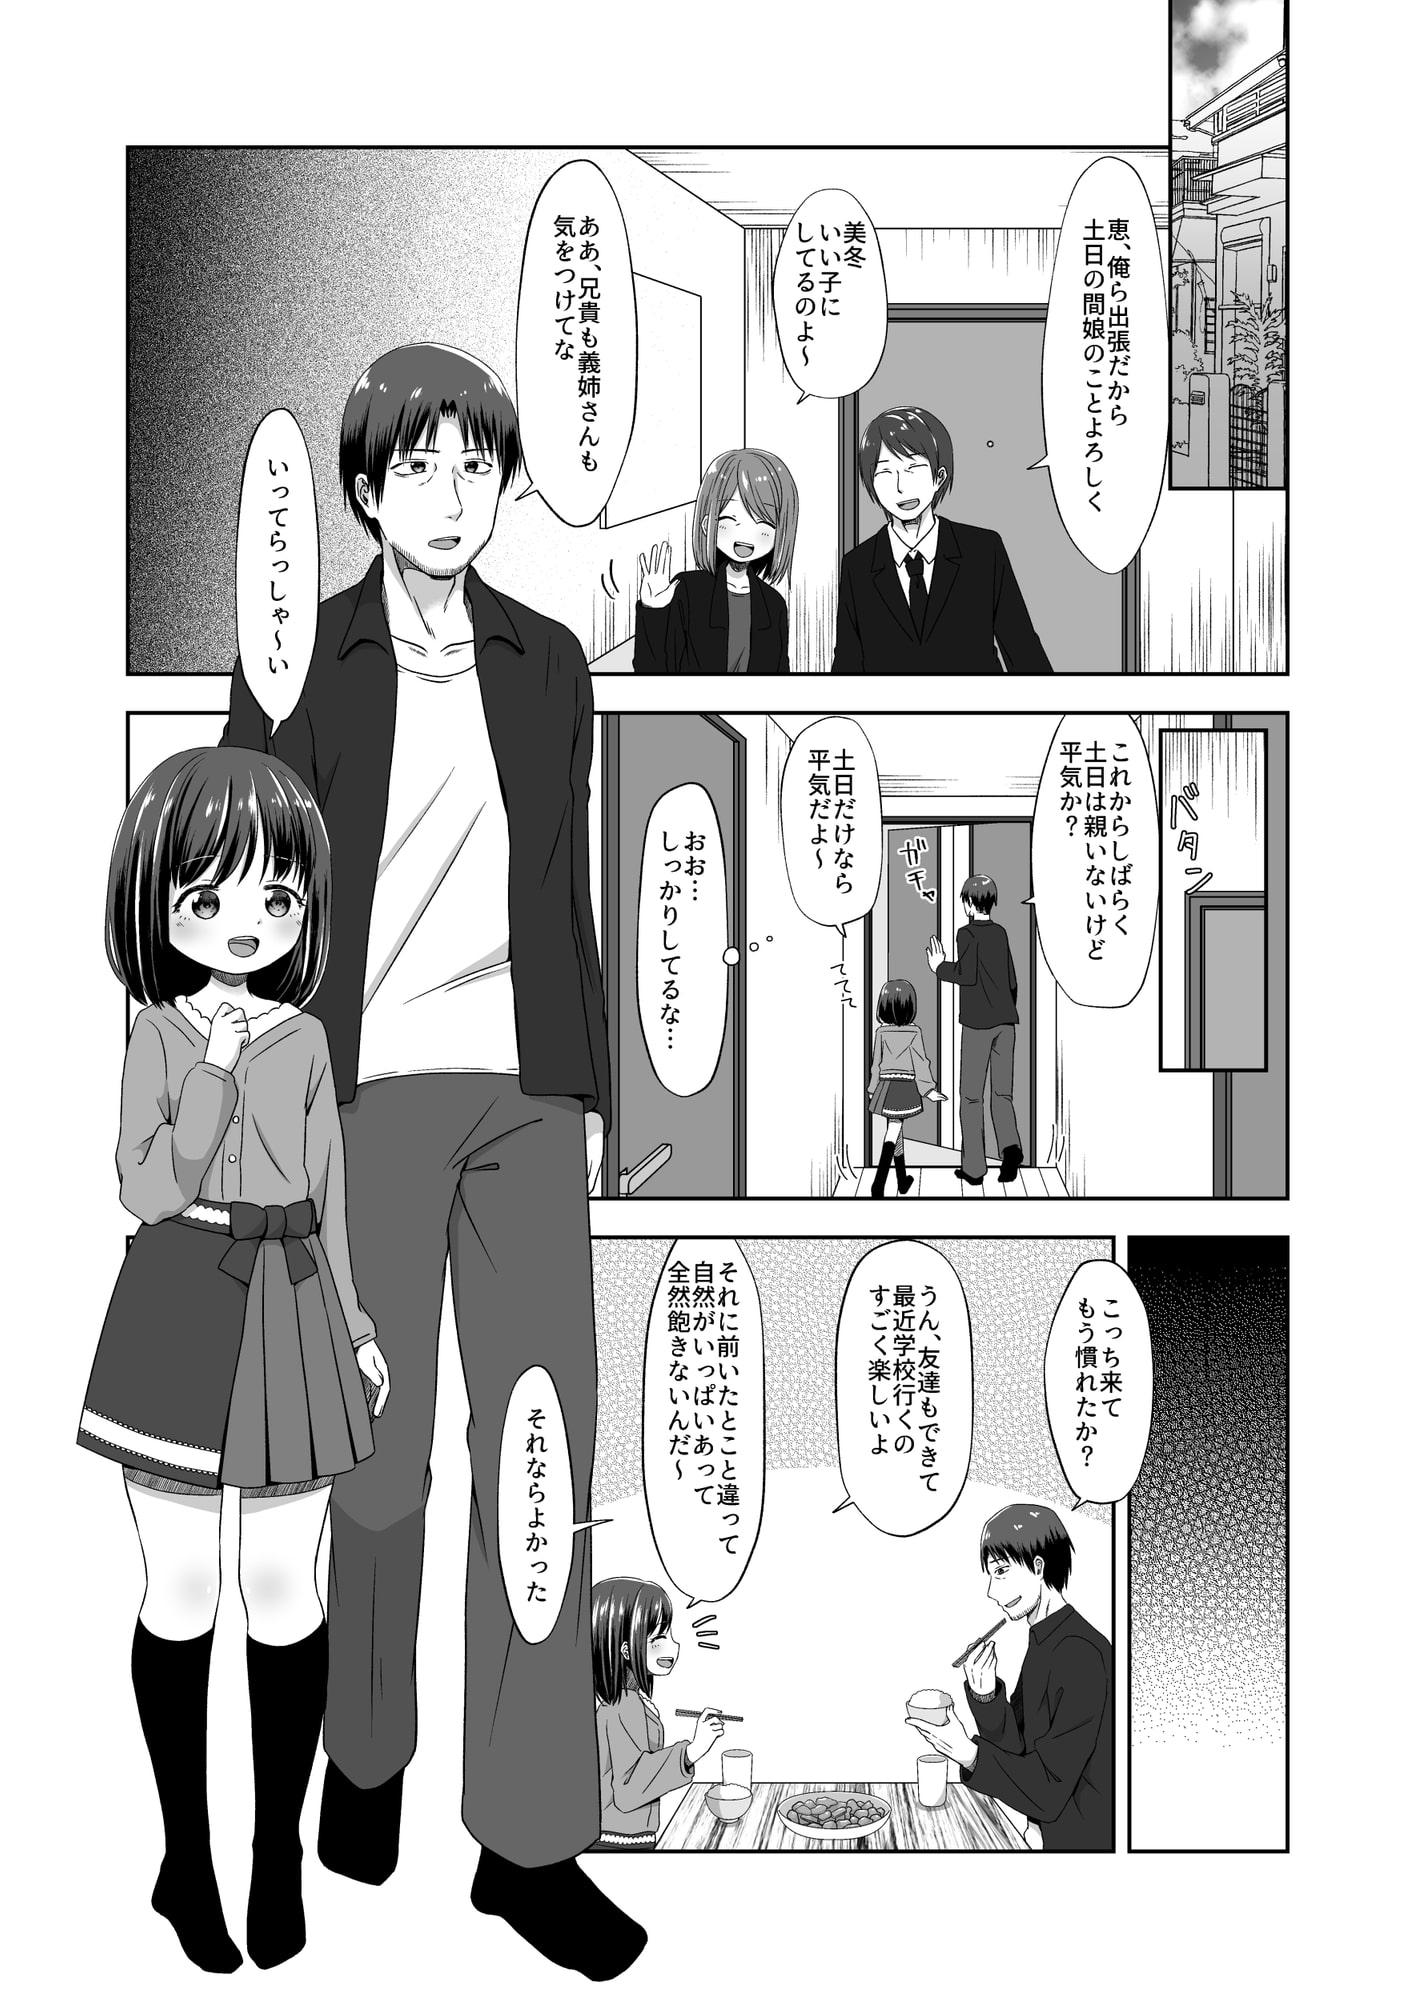 RJ320104 おなバレえっち [20210313]